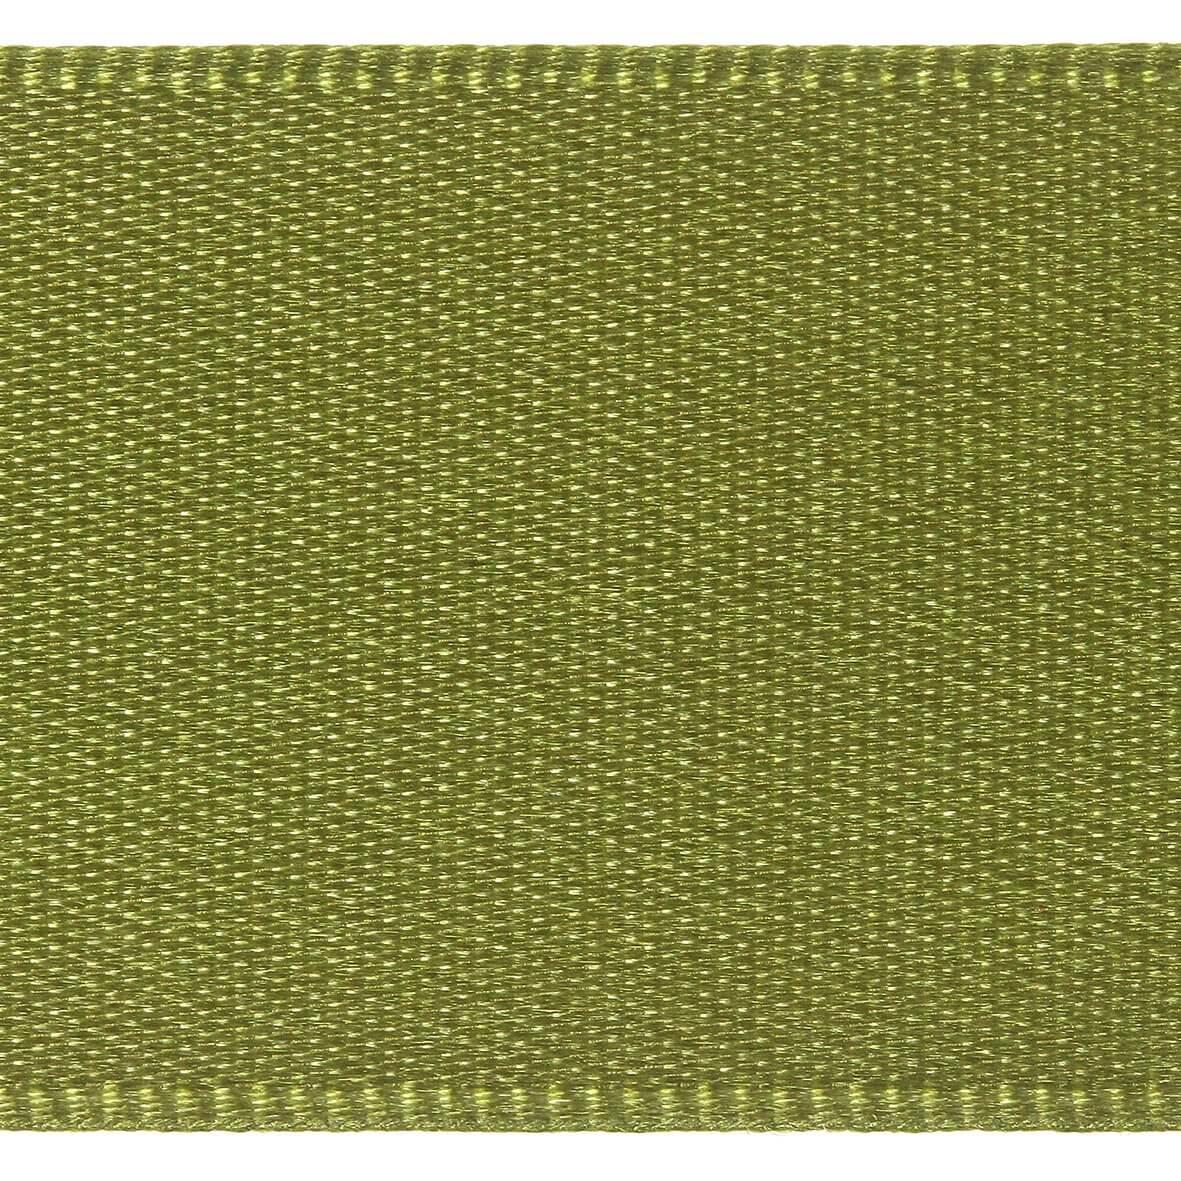 10mm Berisfords Satin Ribbon - Moss Colour 79